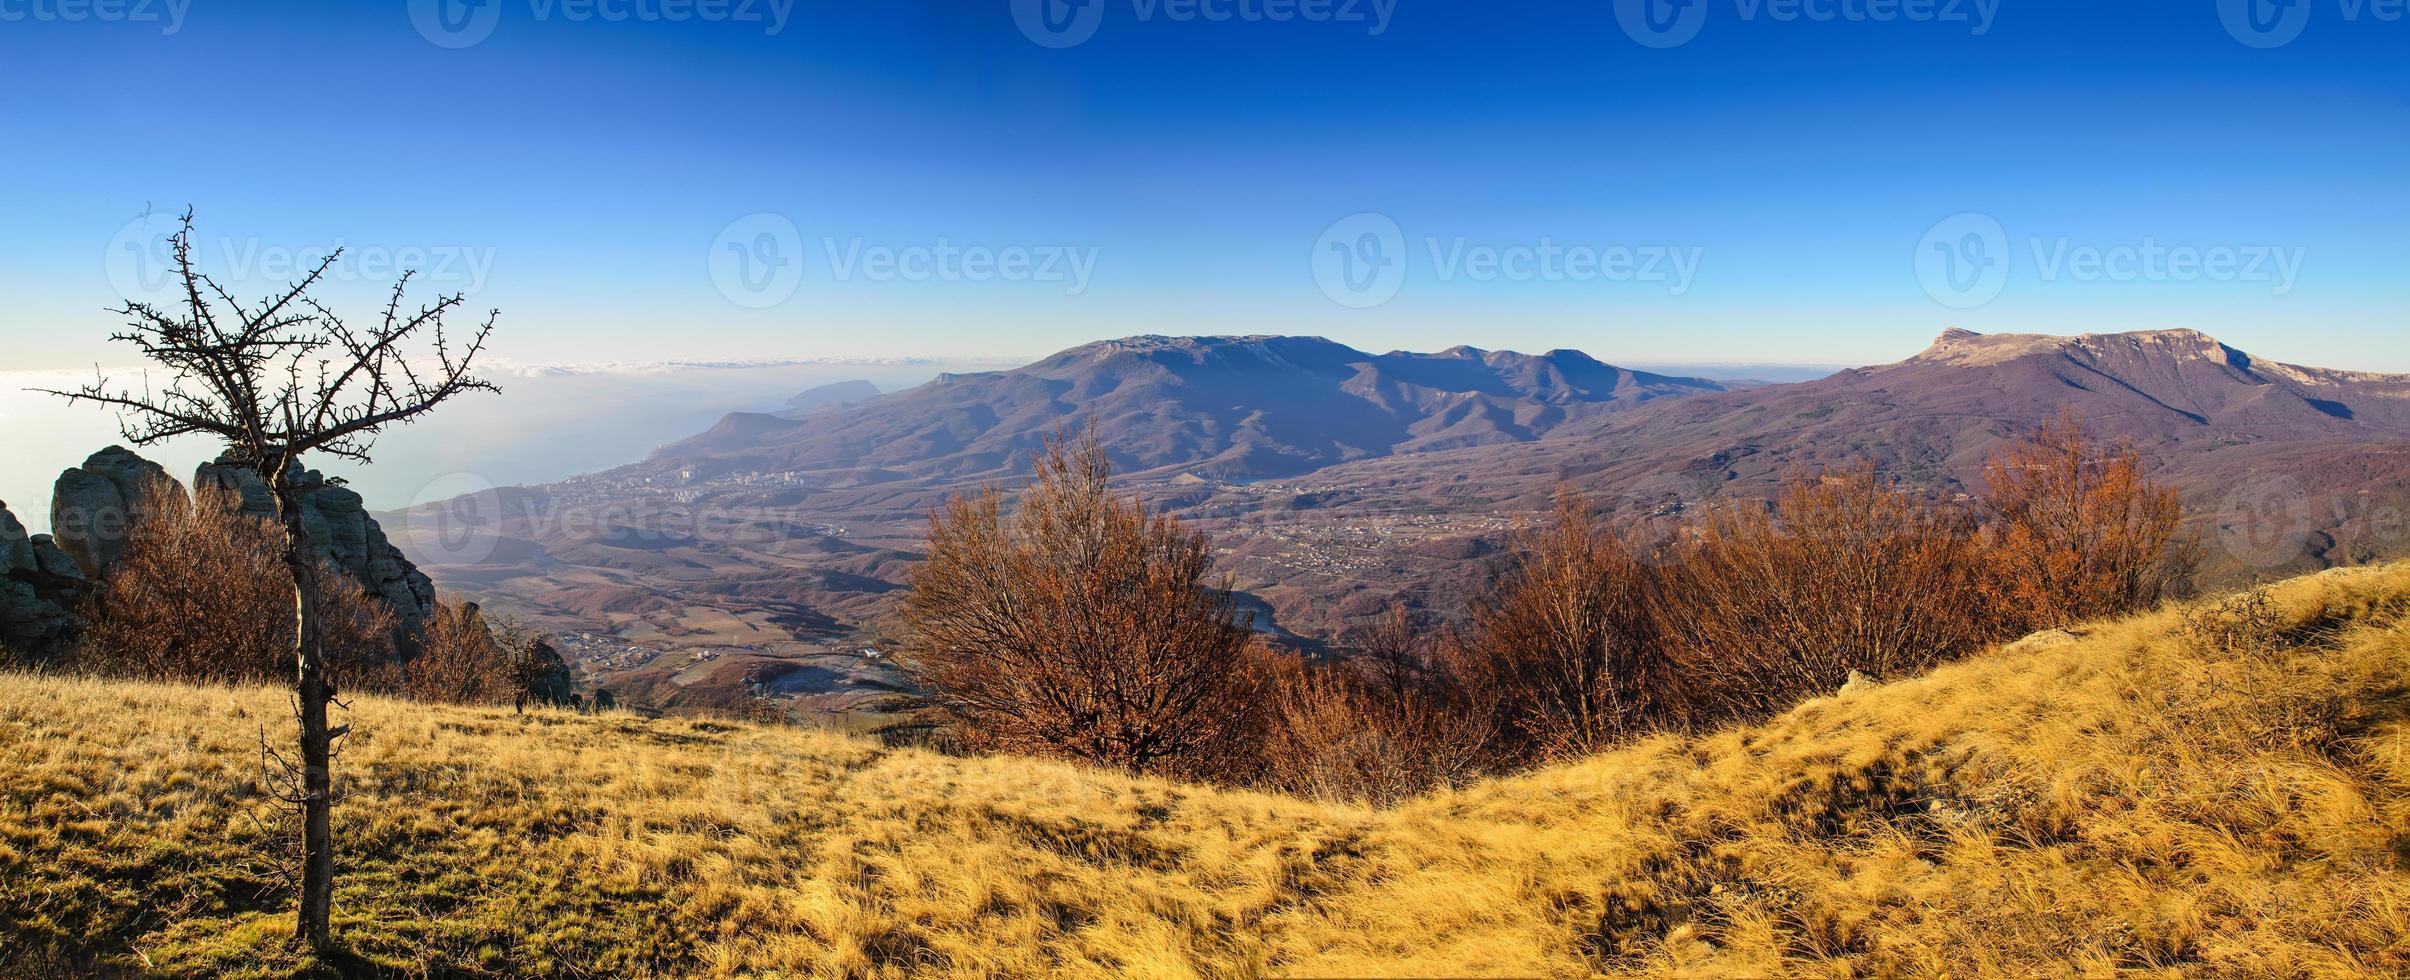 herfst berglandschap foto